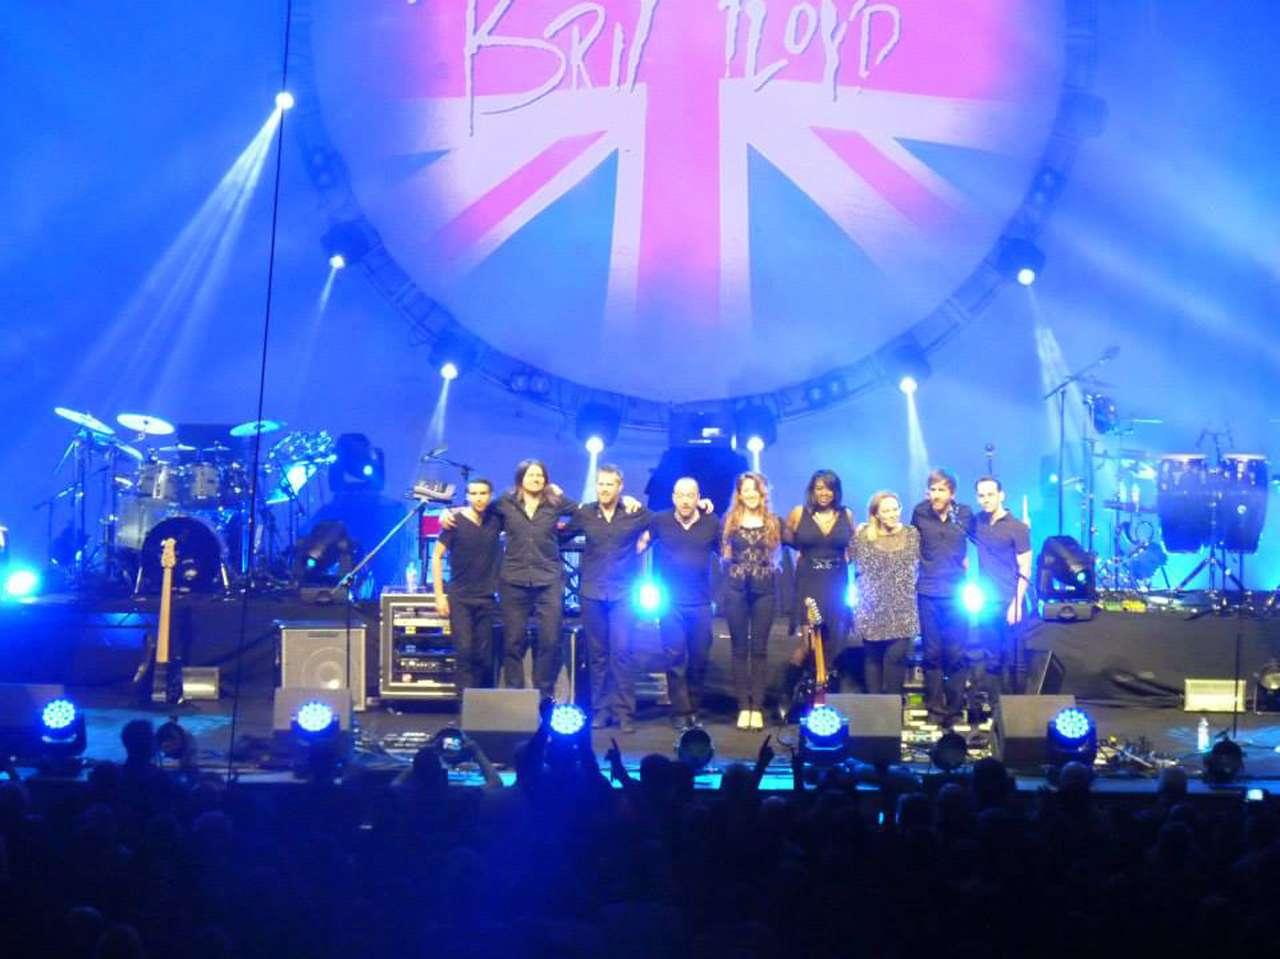 Brit Floyd, originaria de Liverpool, ha recorrido el mundo con el triubuto a Pink Floyd desde enero de 2011. Foto: Facebook / Brit Floyd